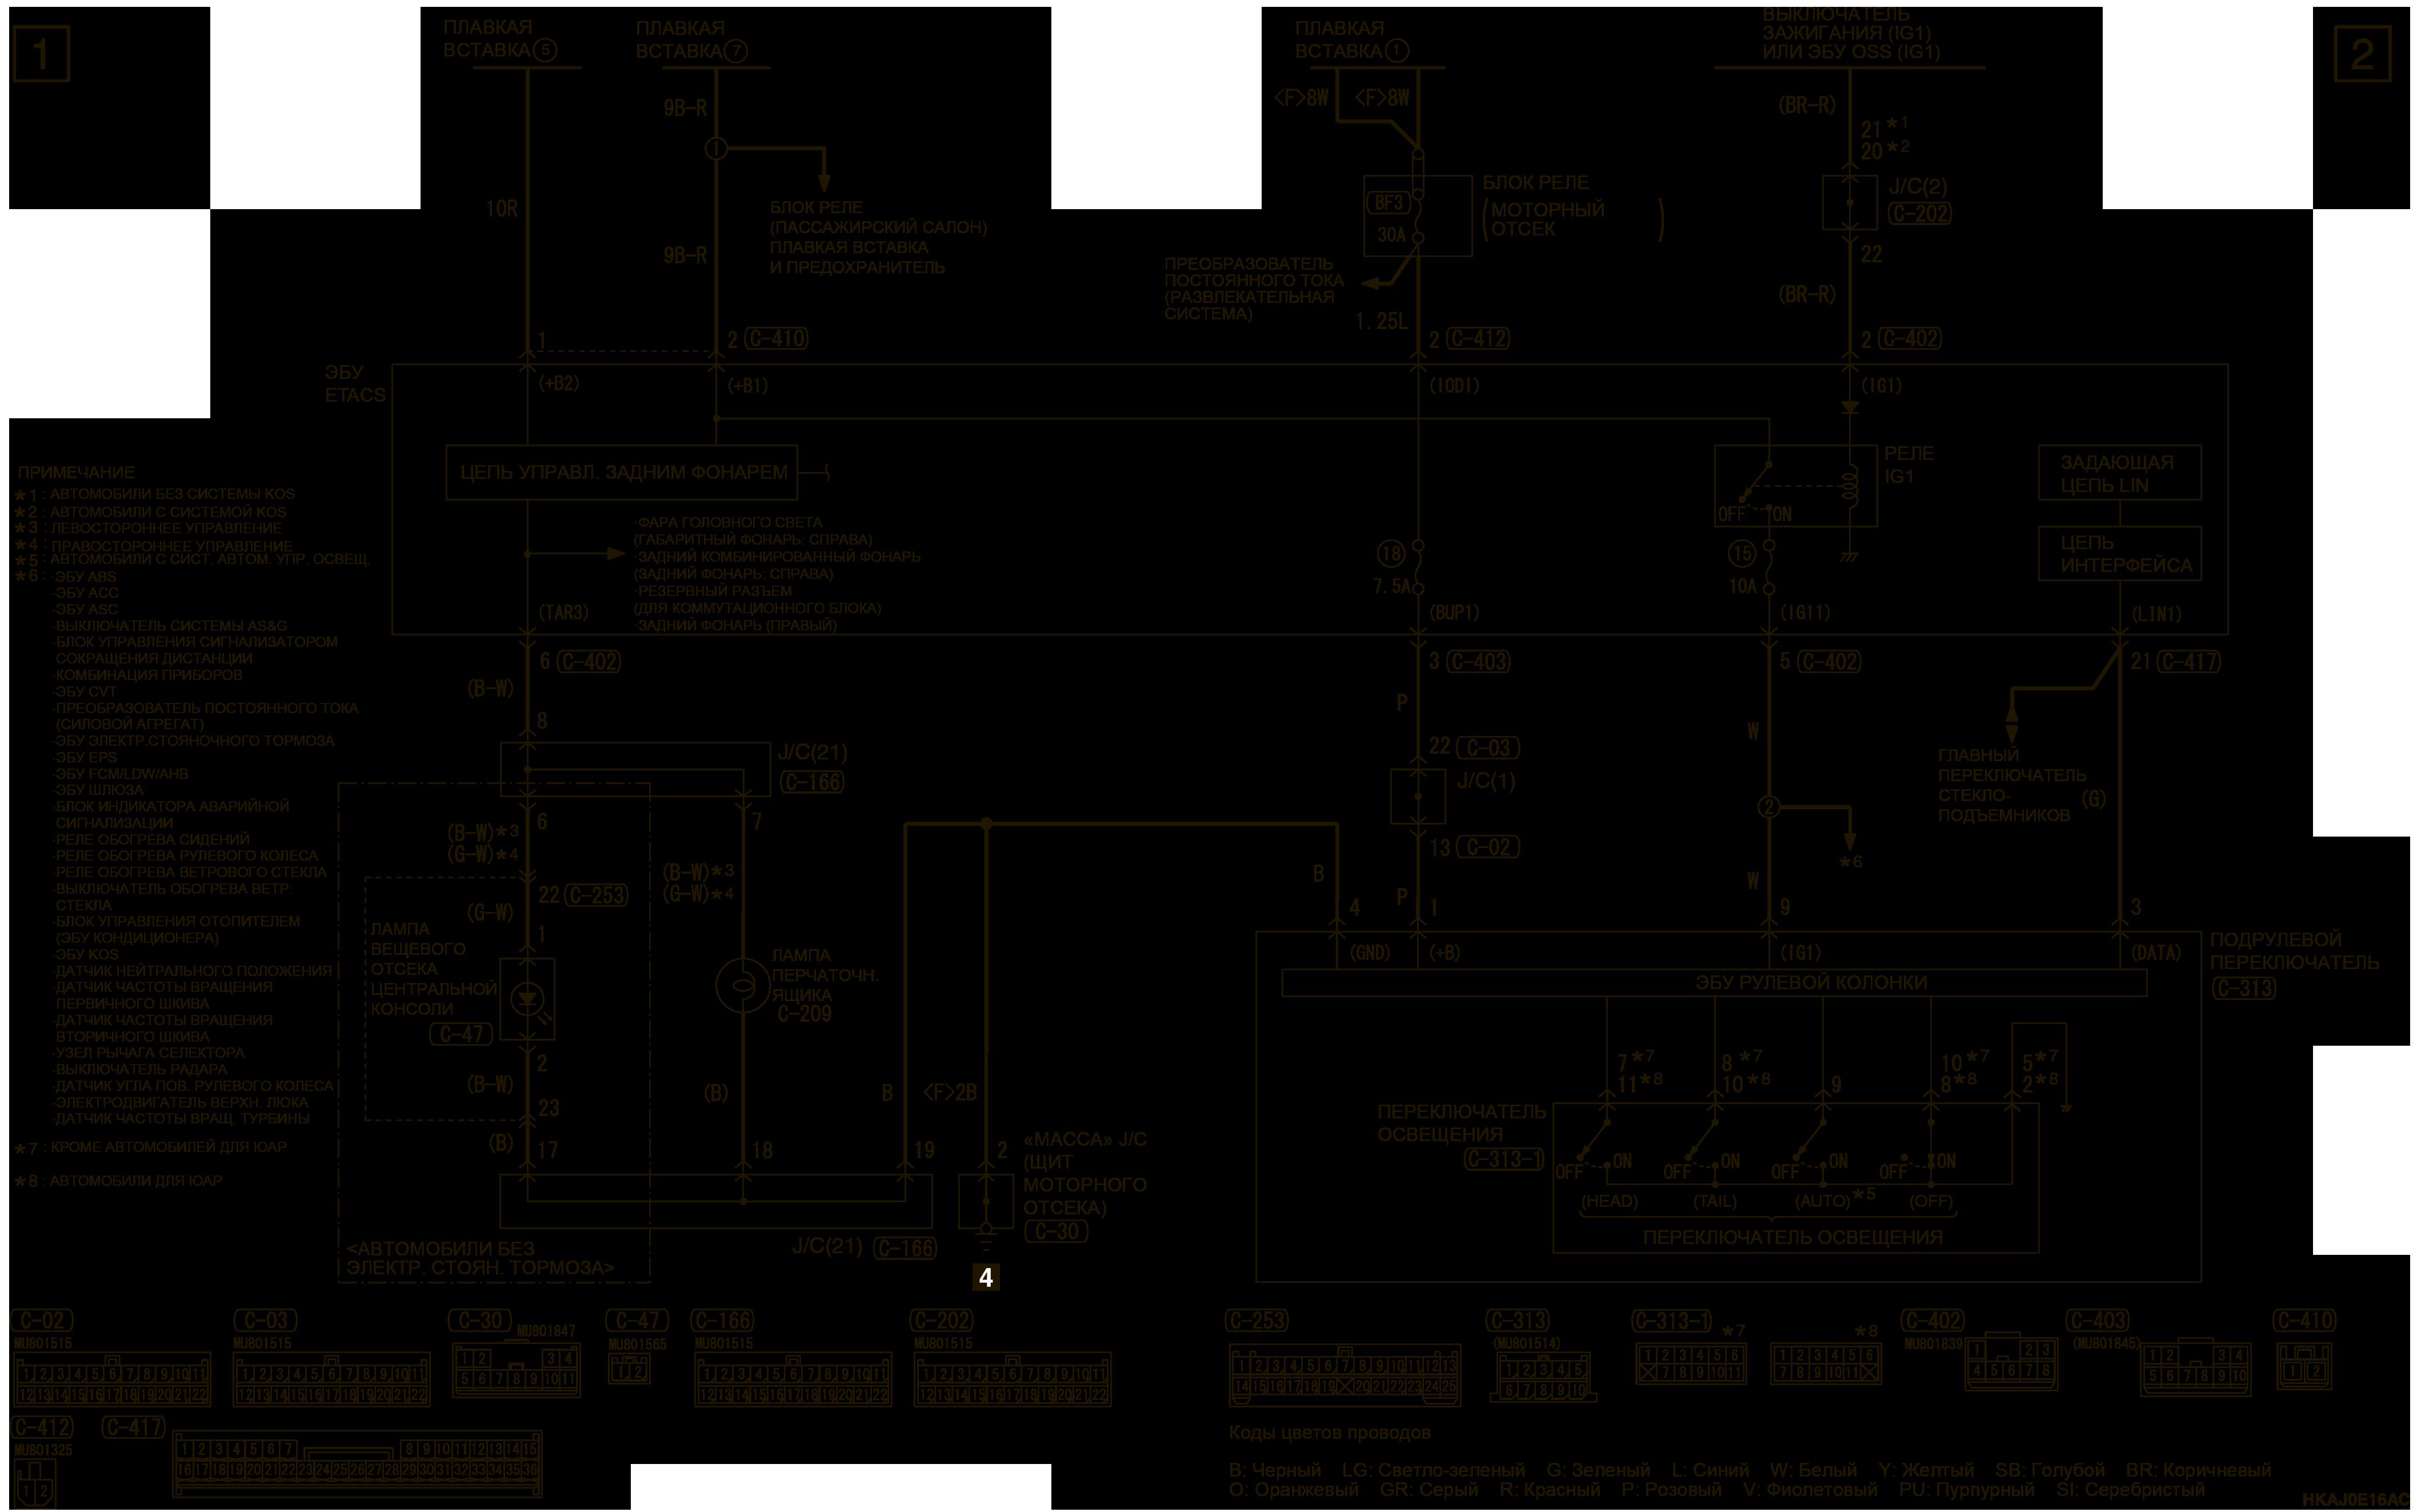 mmc аутлендер 3 2019 электросхемаЛАМПА ВЕЩЕВОГО ОТСЕКА ЦЕНТРАЛЬНОЙ КОНСОЛИ И ЛАМПЫ ПОДСВЕТКИ ПЕРЧАТОЧНОГО ЯЩИКА